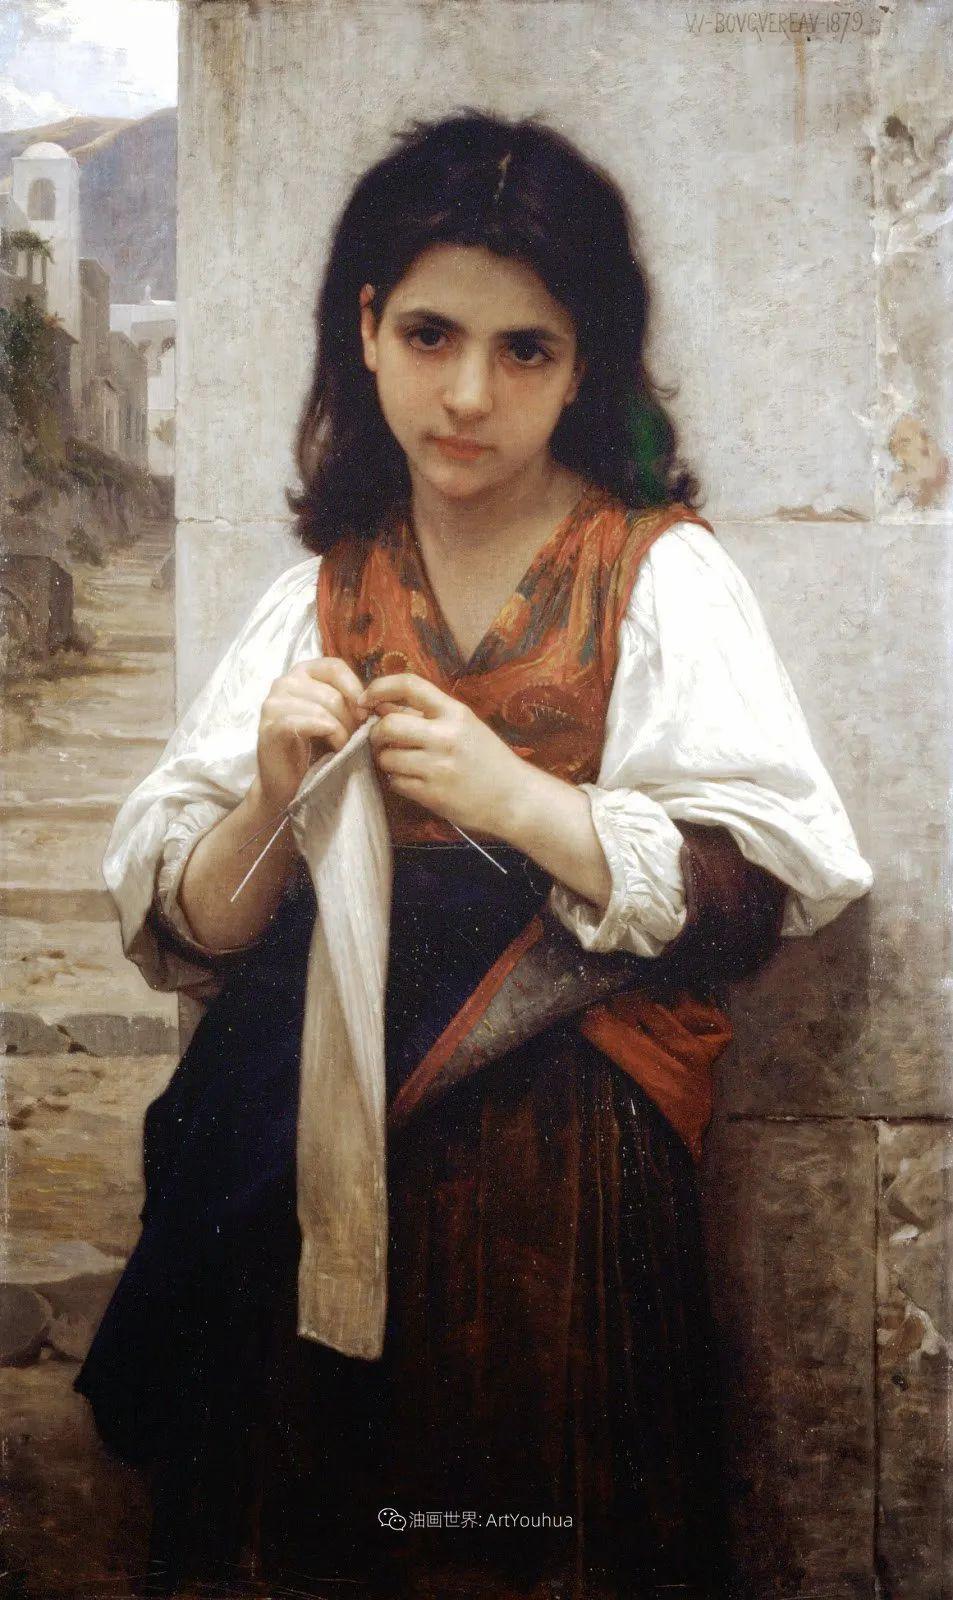 儿童篇,古典主义巨匠布格罗(下)插图33